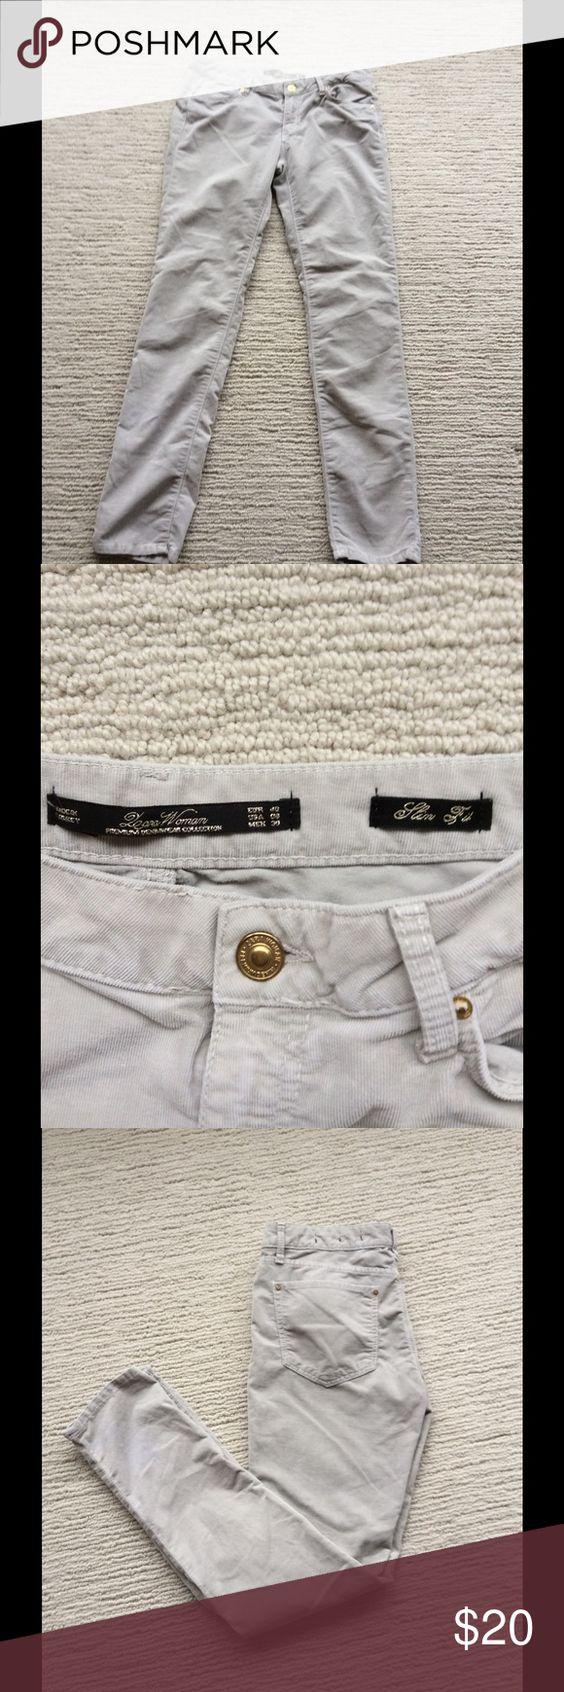 """ZARA WOMAN SLIM FIT VERY THIN CORDUROY JEANS Very light very thin corduroy jeans, size 8, slim fit.29"""" inseam Zara Jeans Skinny"""